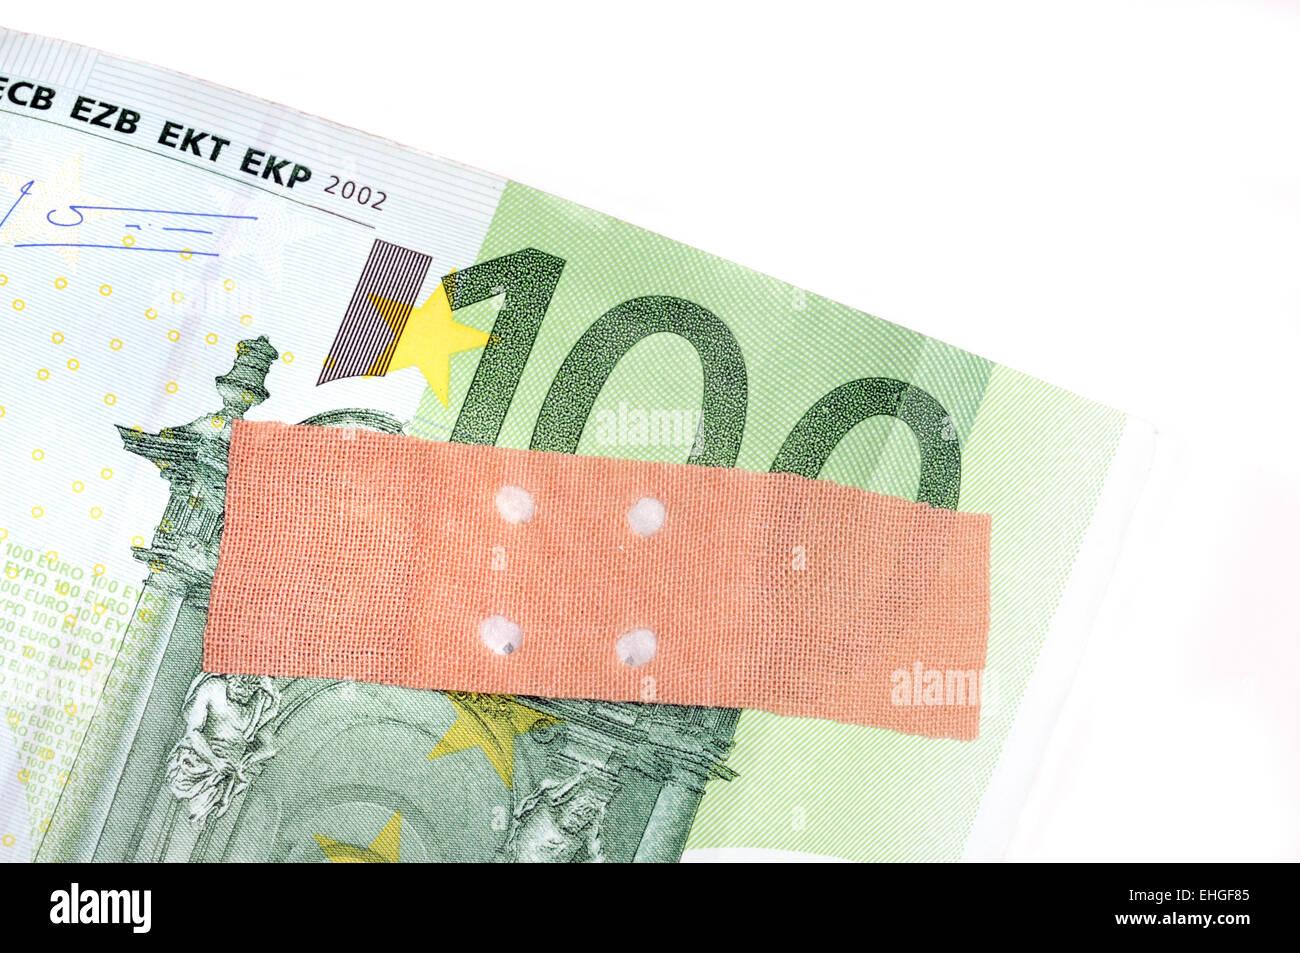 Währungsschwäche / Currency weakness - Stock Image